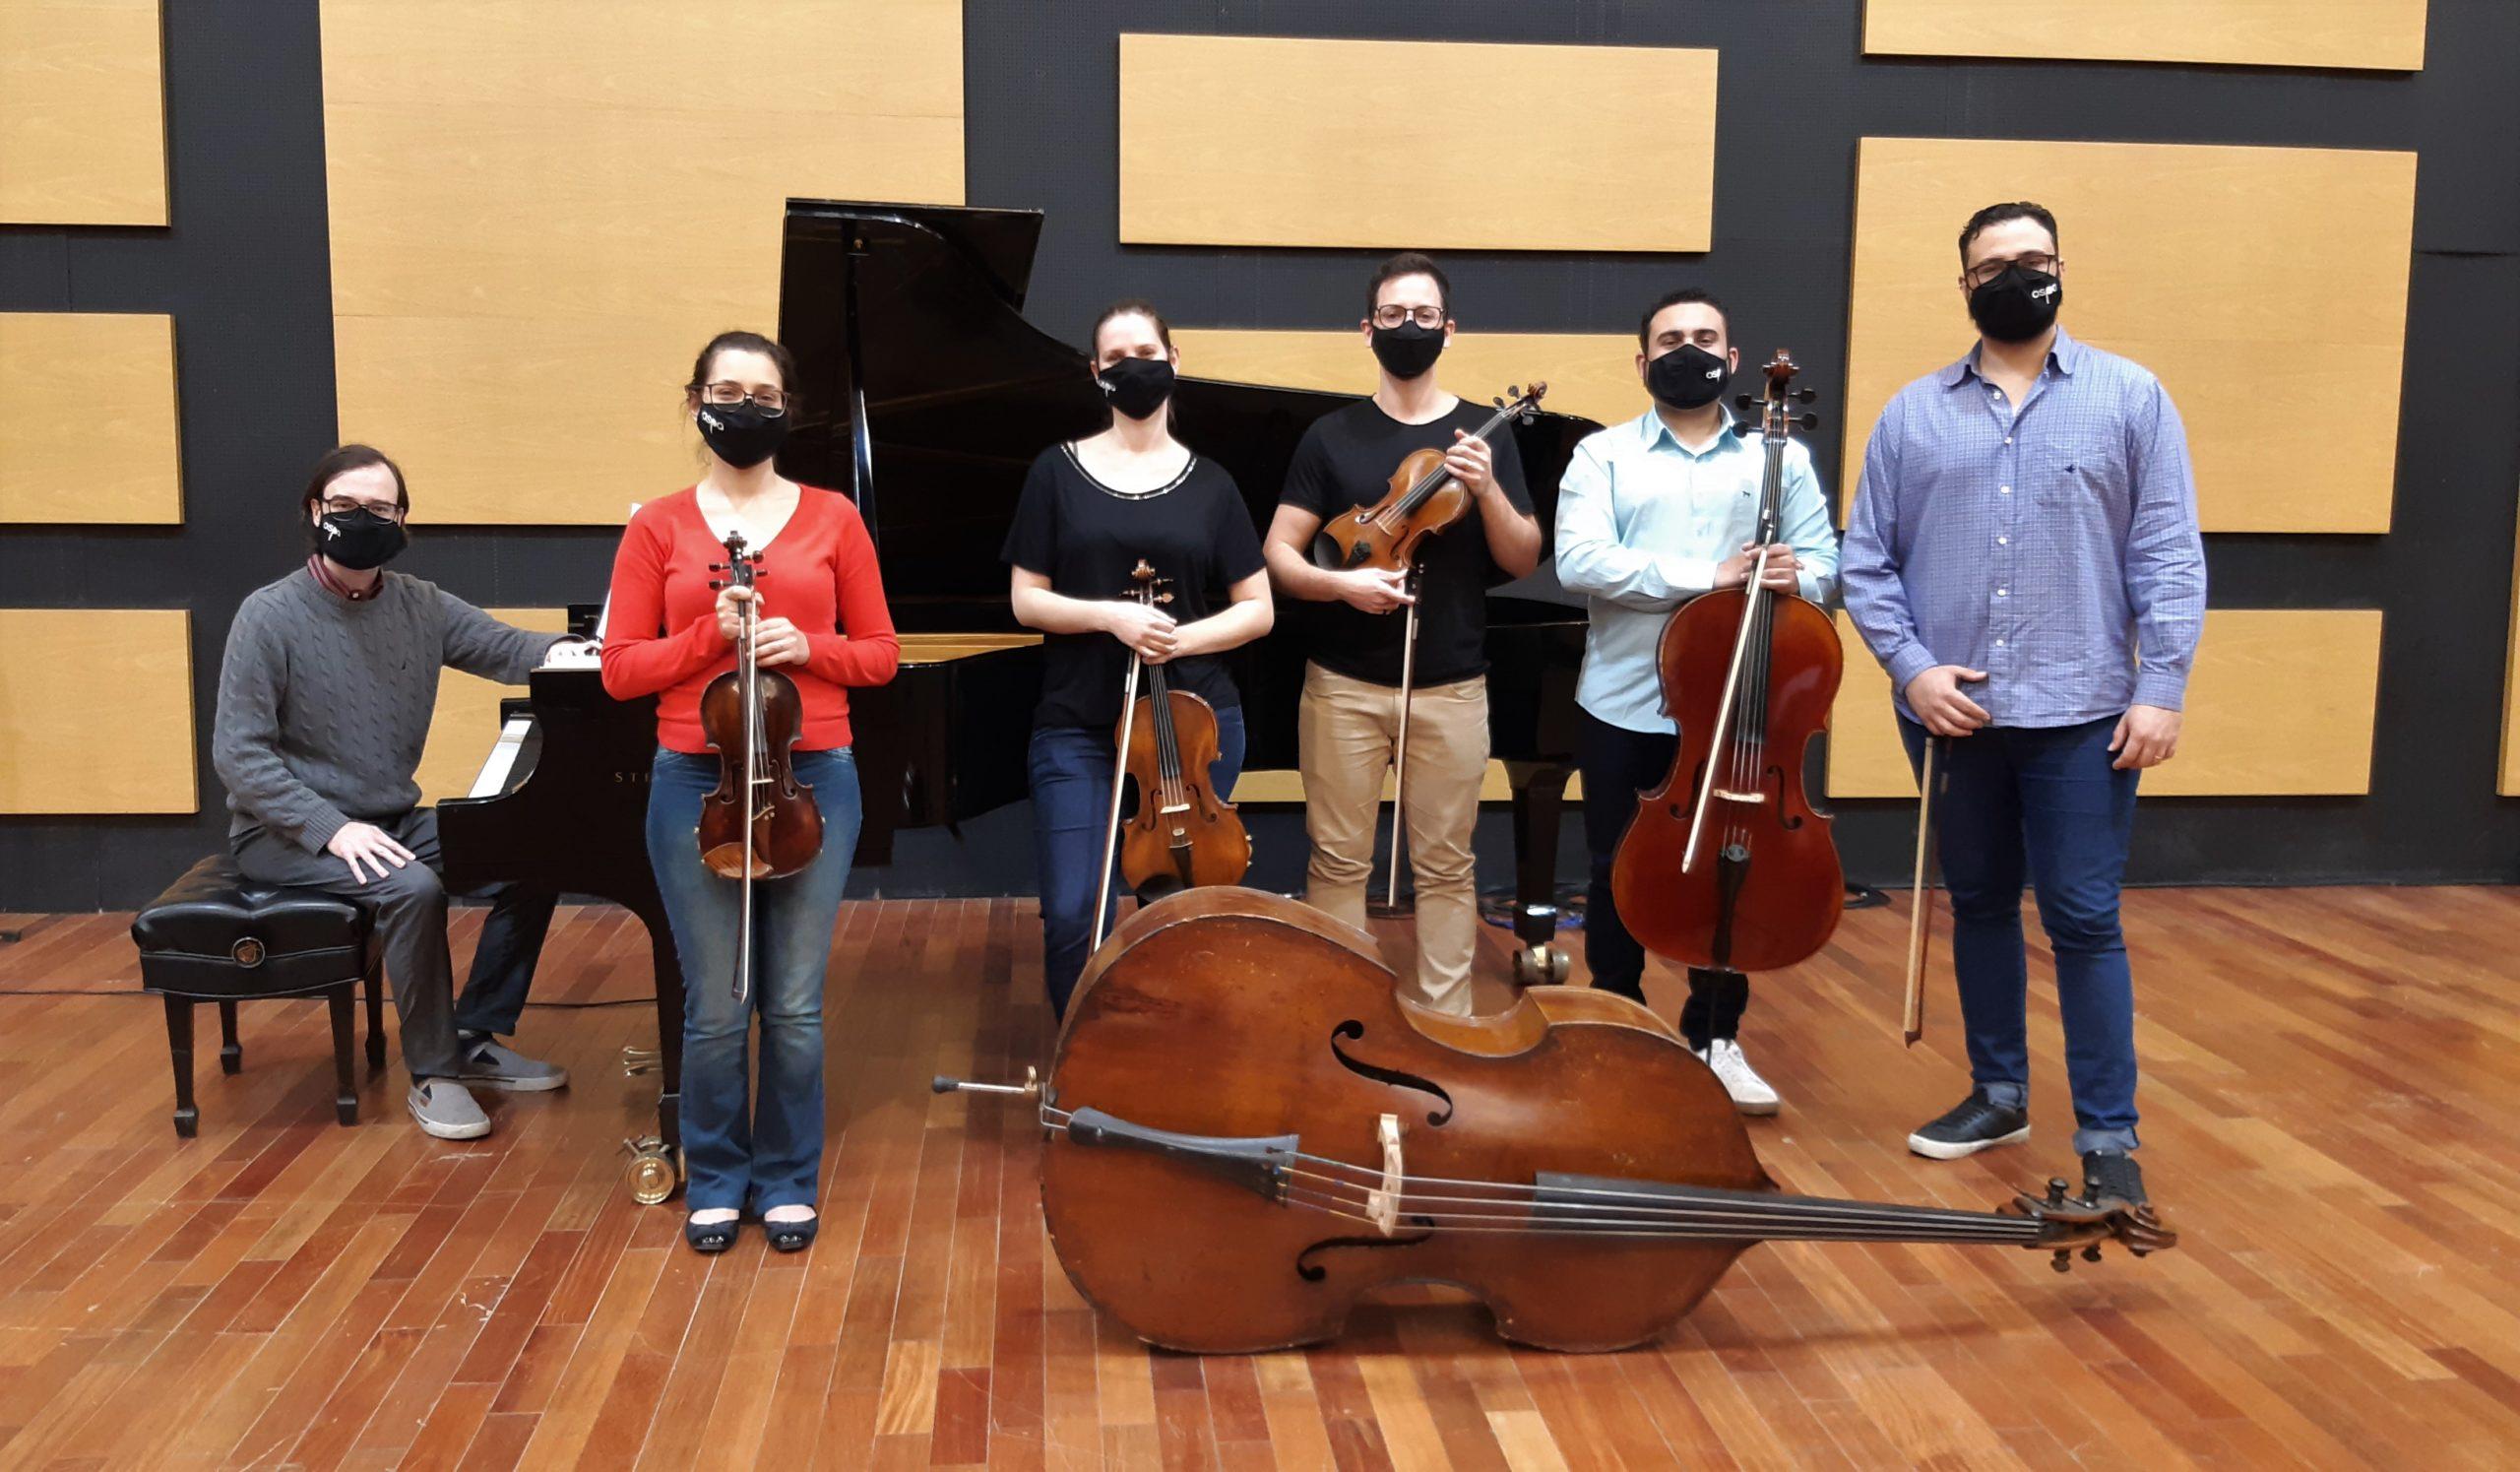 Músicos no palco da OSPA, com seus instrumentos: piano, violino, violoncelo, contrabaixo, todos de máscara.